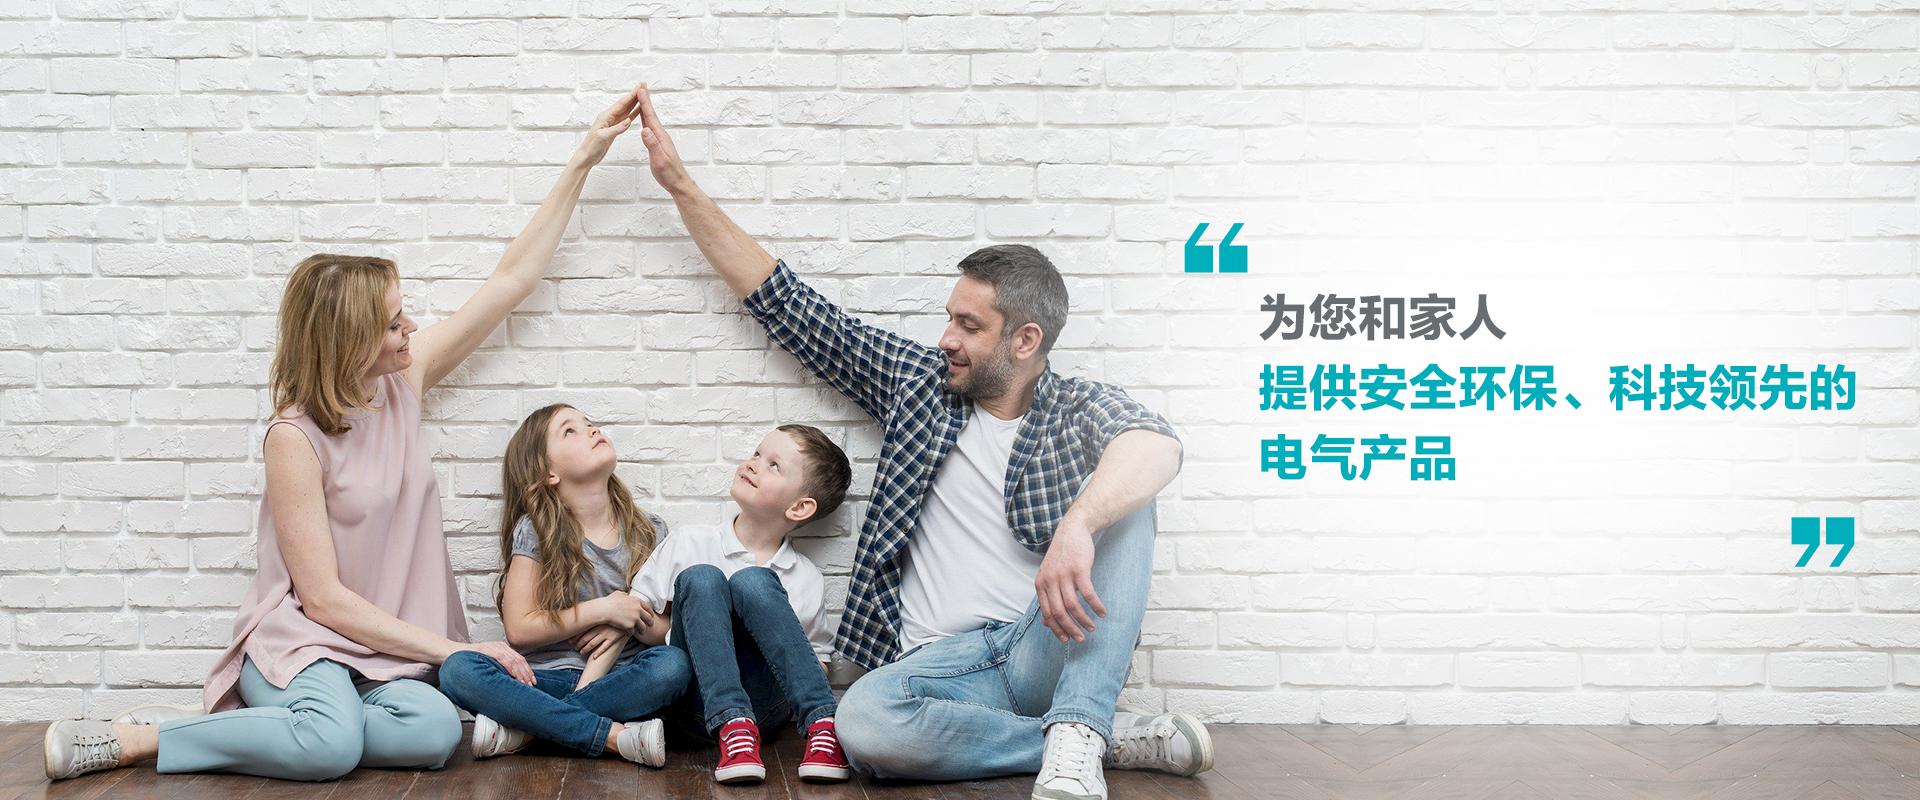 广东贝博赞助西甲电器有限公司